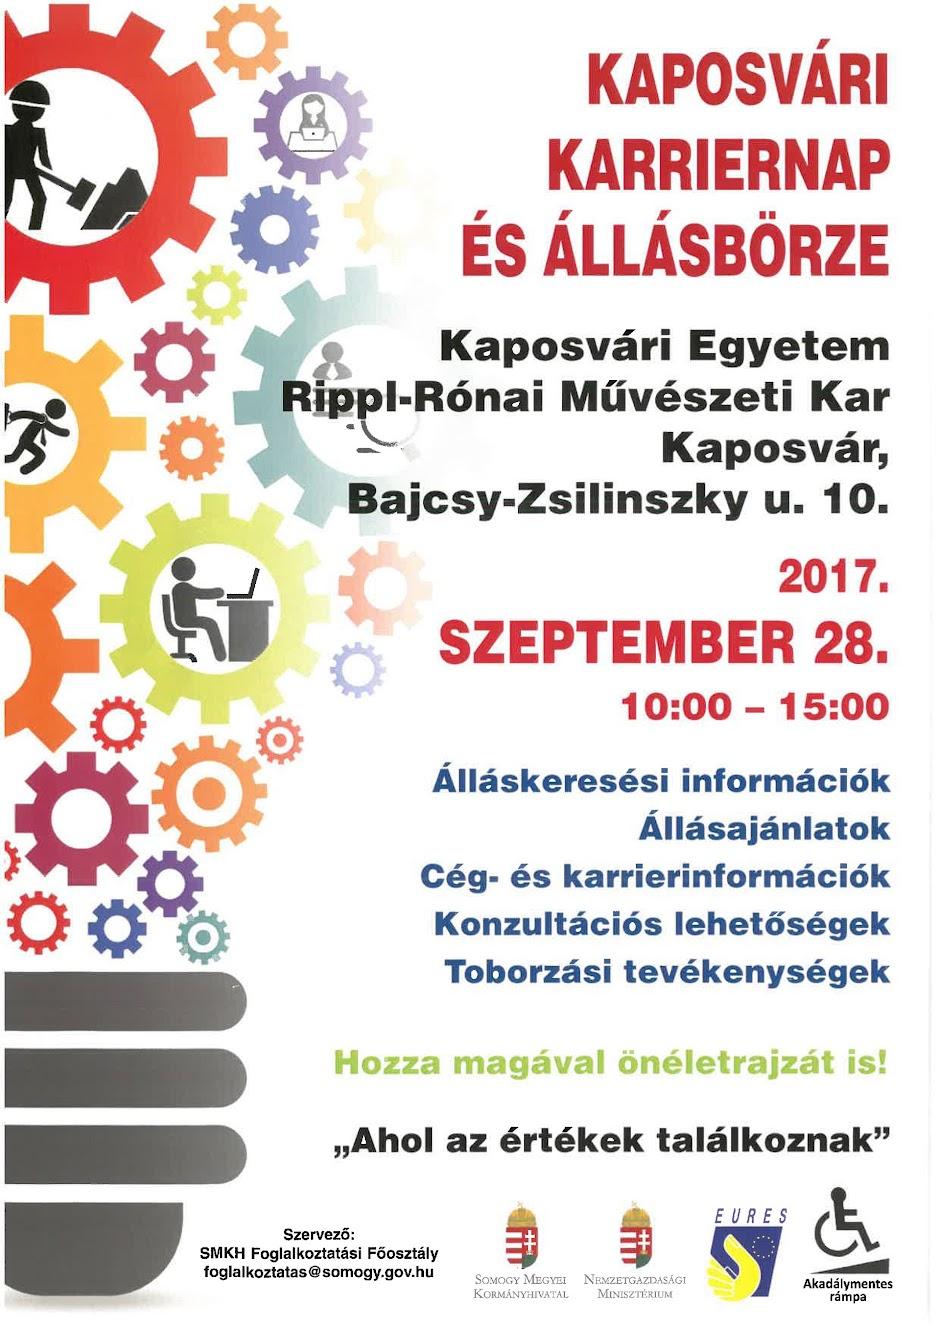 Állásbörze Kaposvár 2017